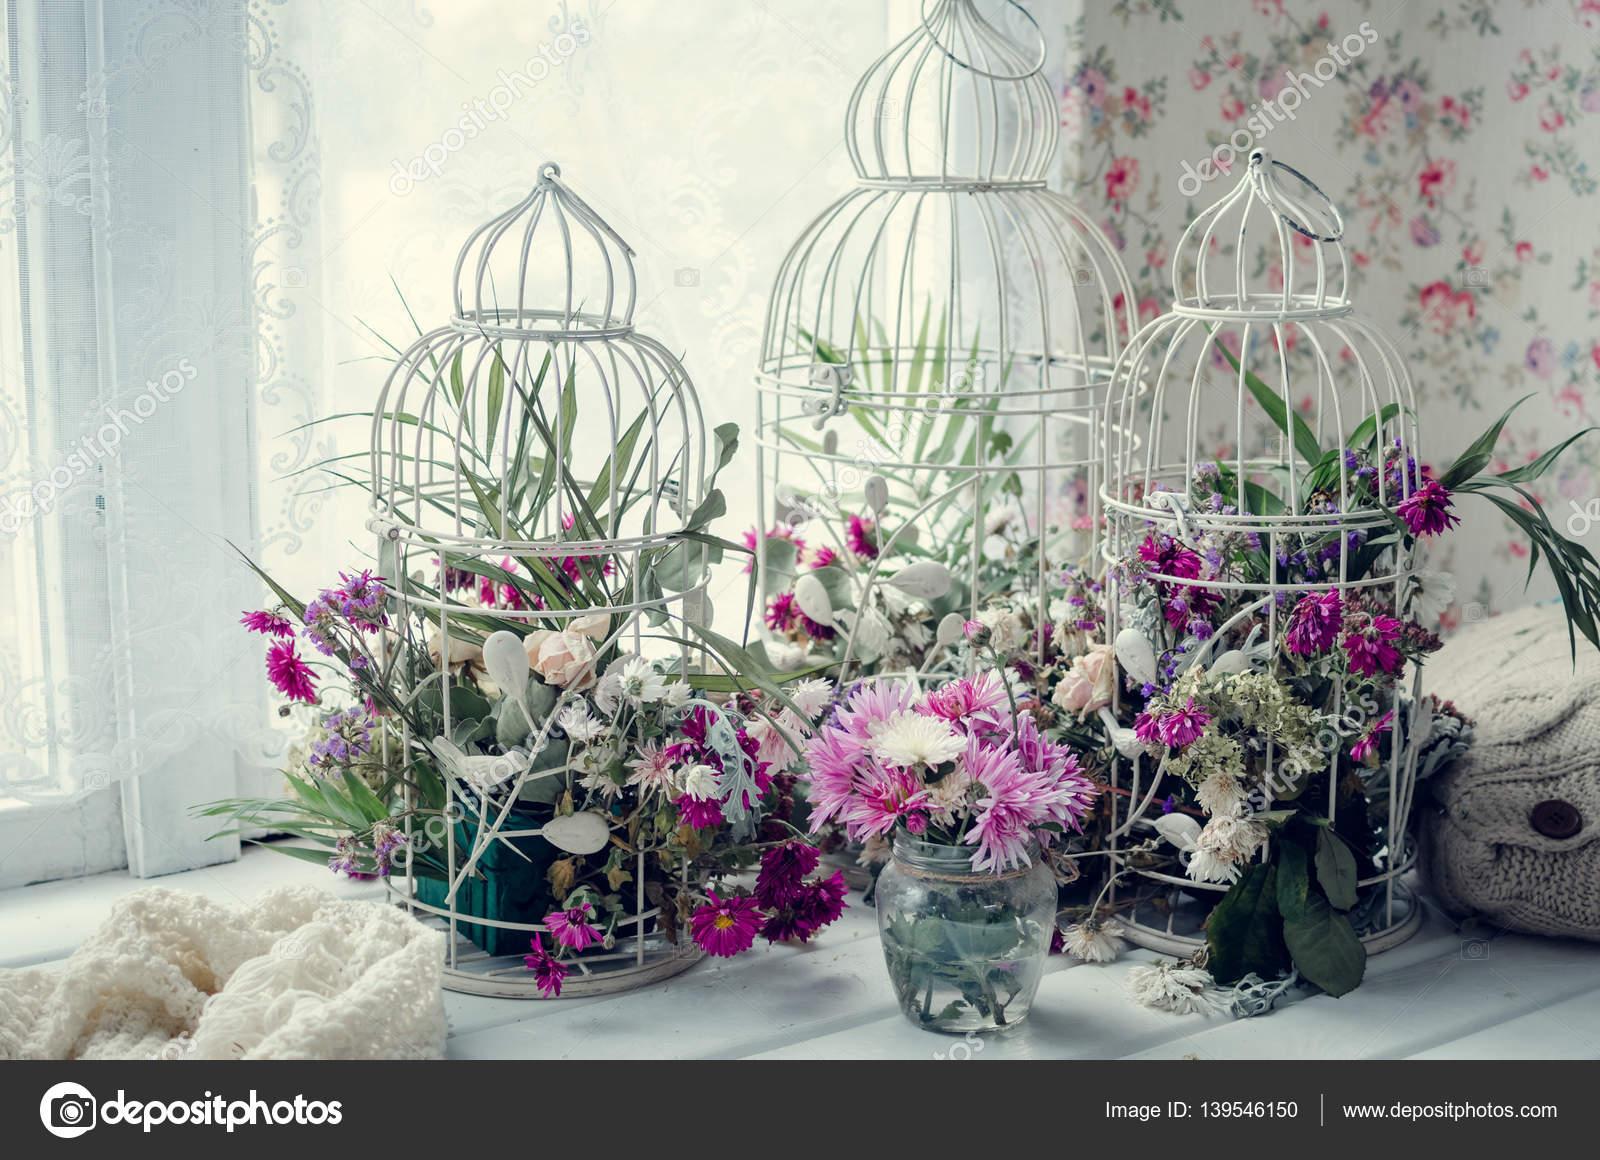 Roze Decoratie Woonkamer : Roze en paarse bloemen in de buurt van het venster u stockfoto